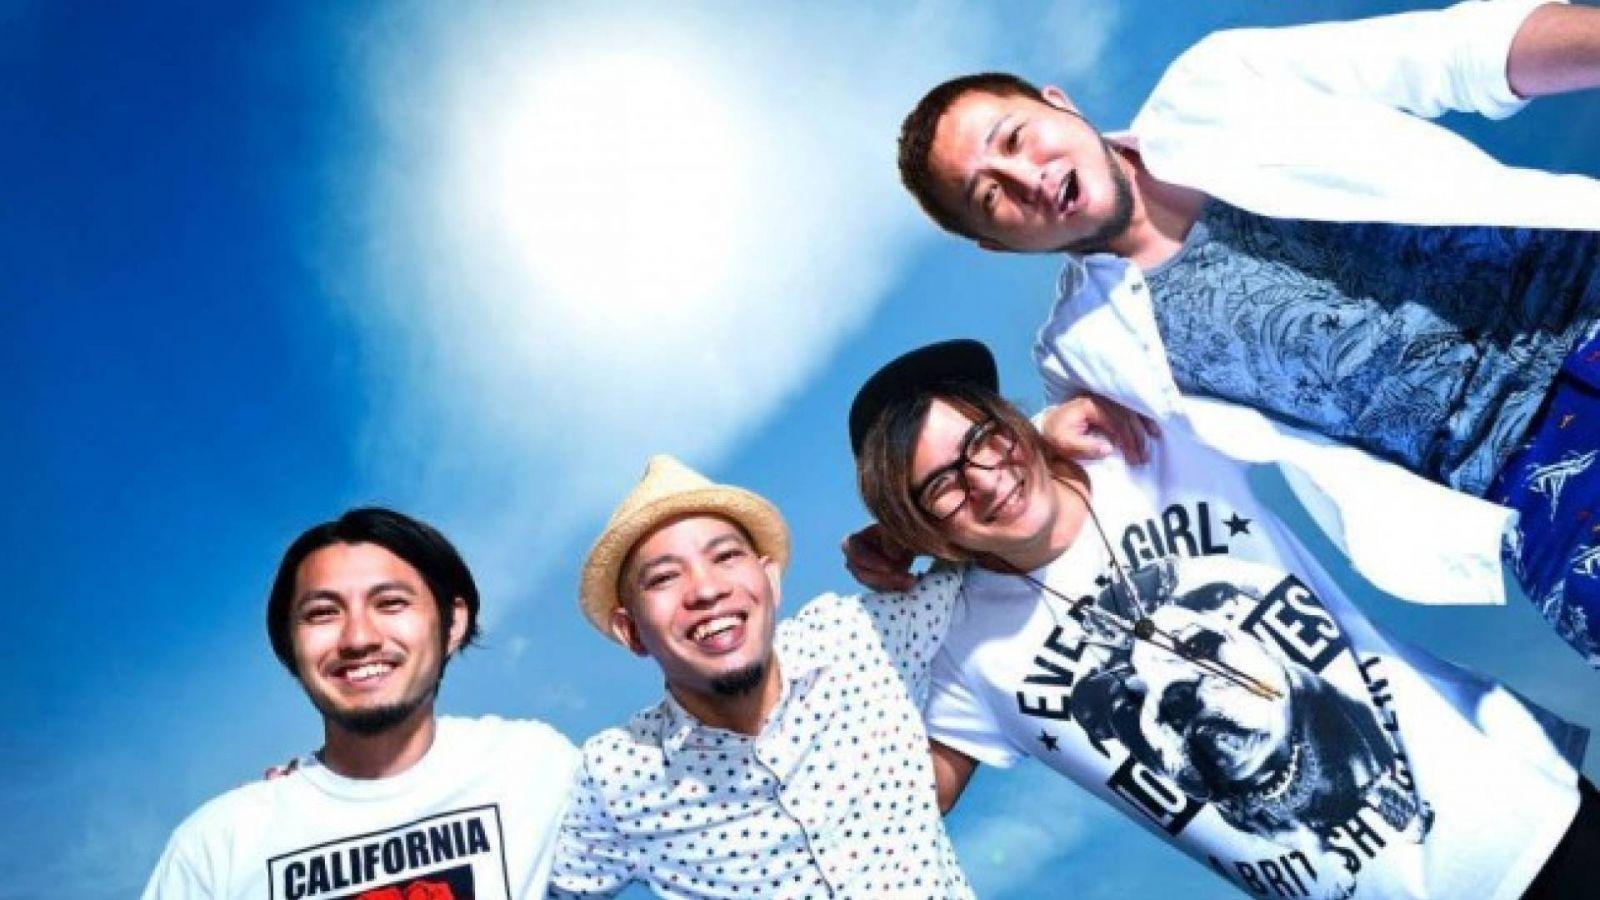 Kariyushi 58 © Kariyushi 58 / LD&K Records